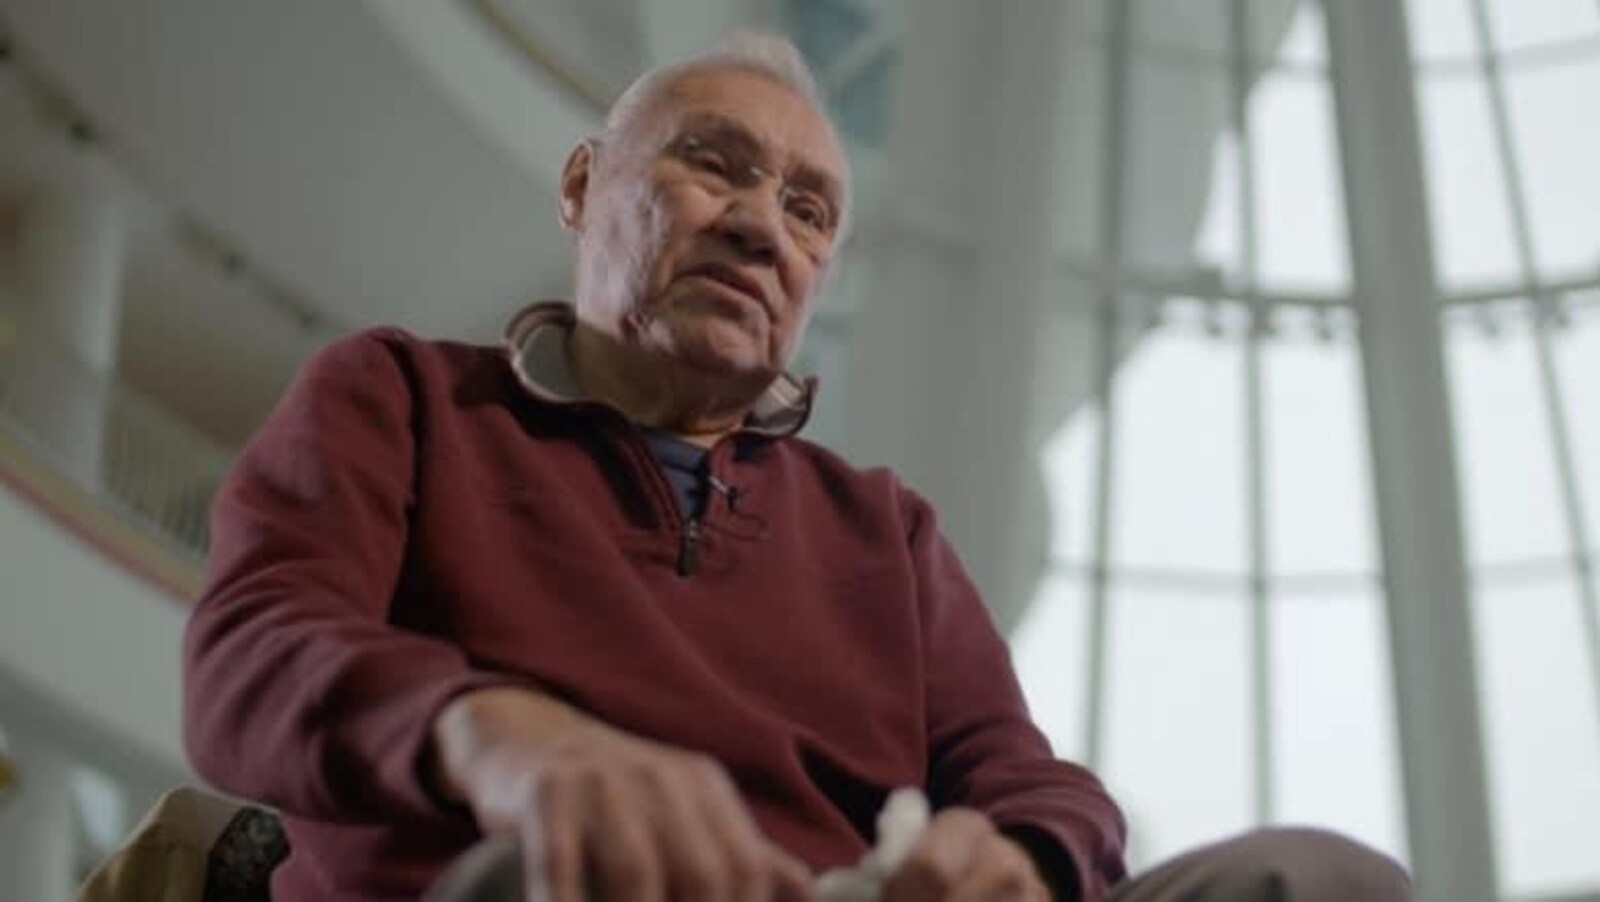 Un homme âgé est assis dans une salle avec beaucoup de fenêtres.